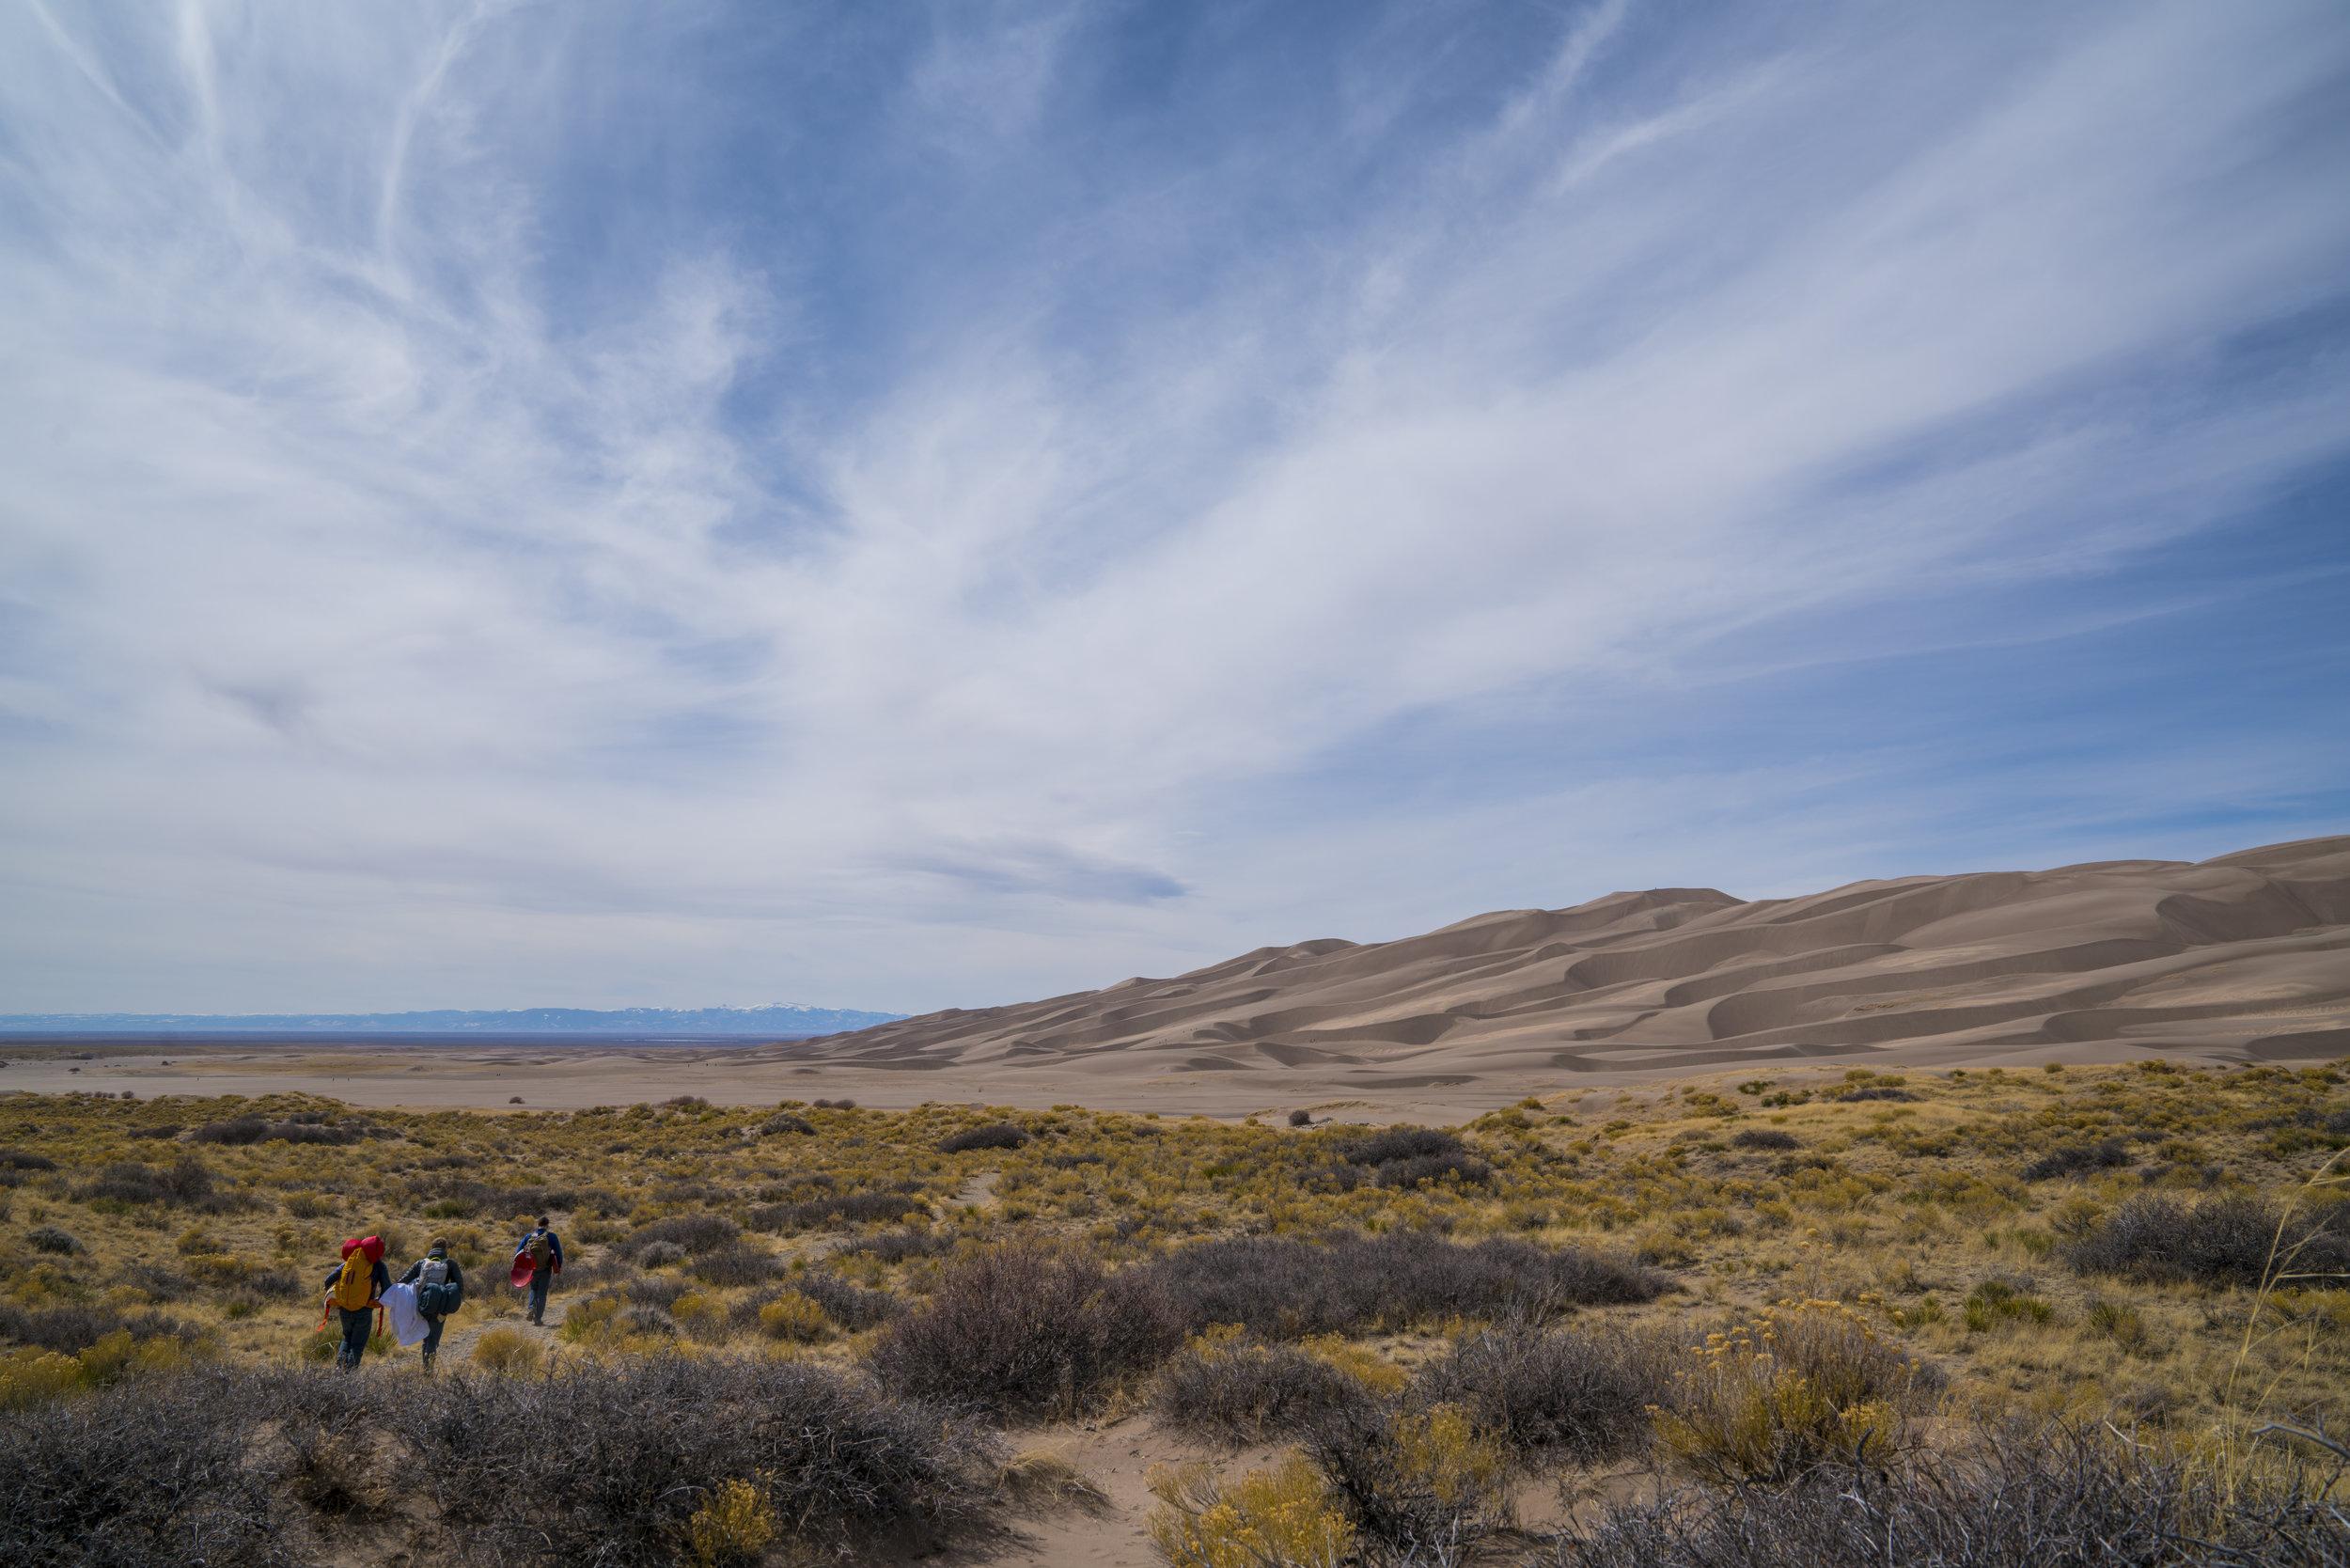 Dunes-30.jpg